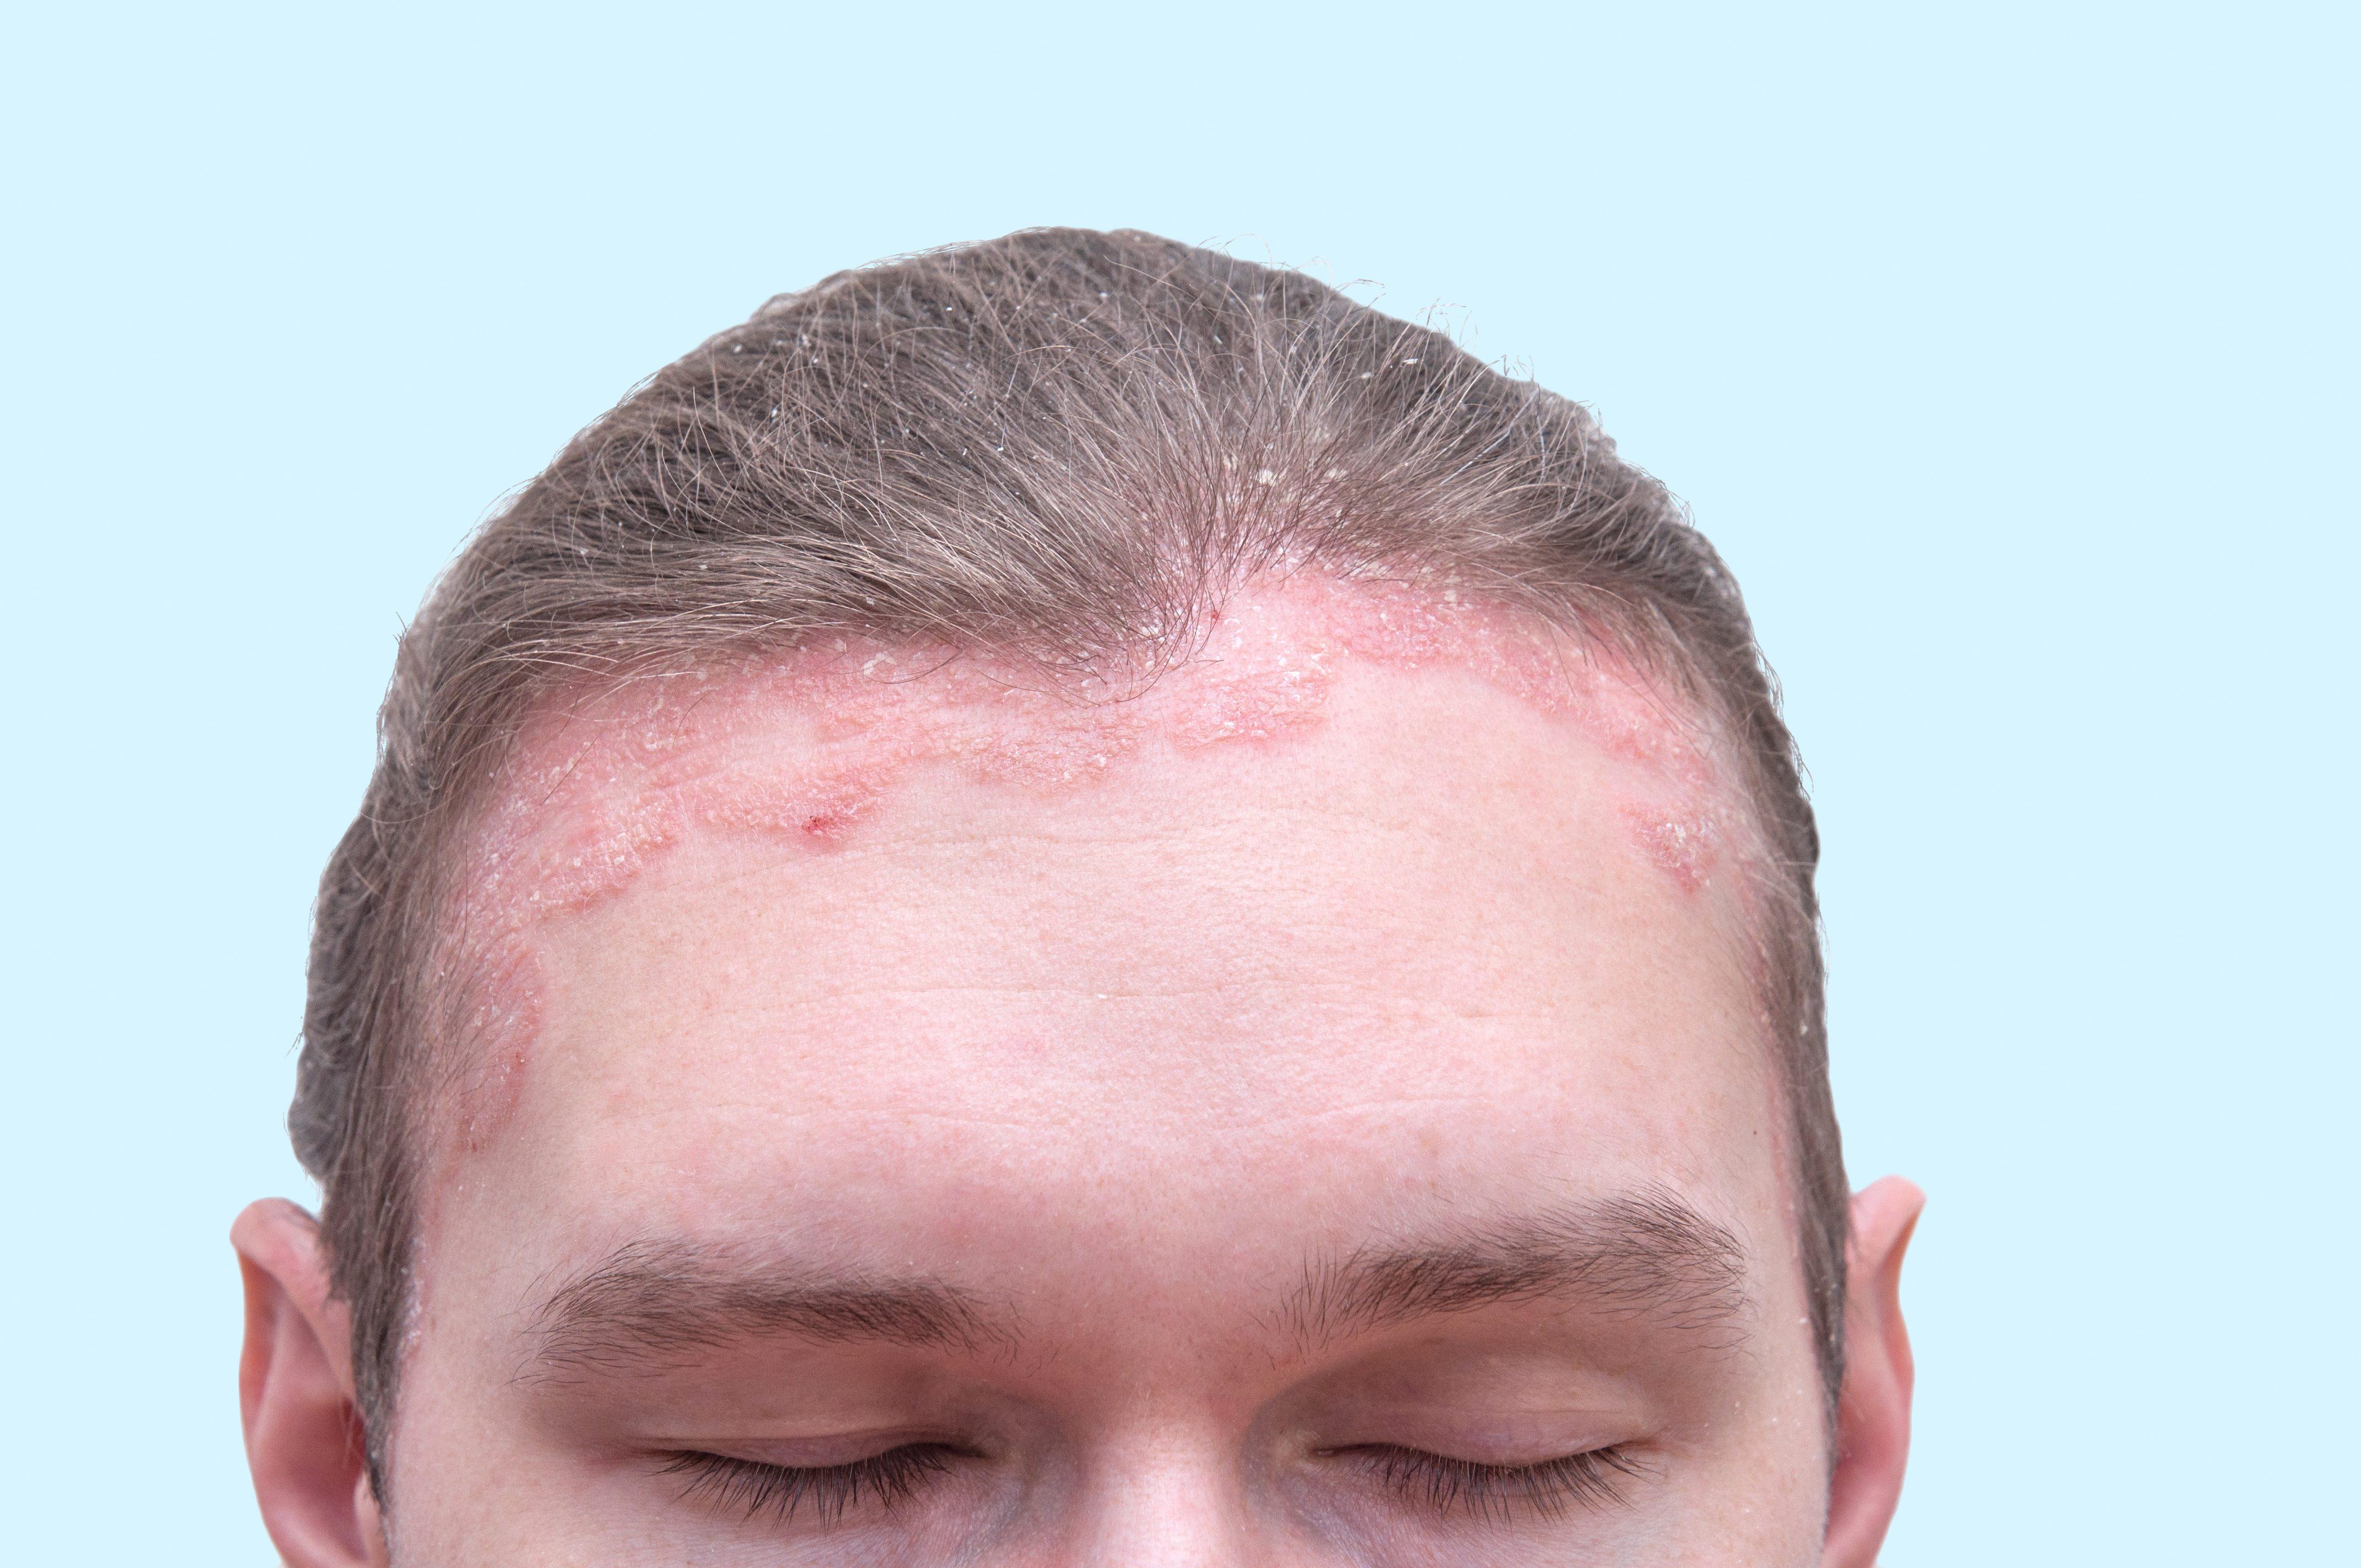 svamp i ansigtet